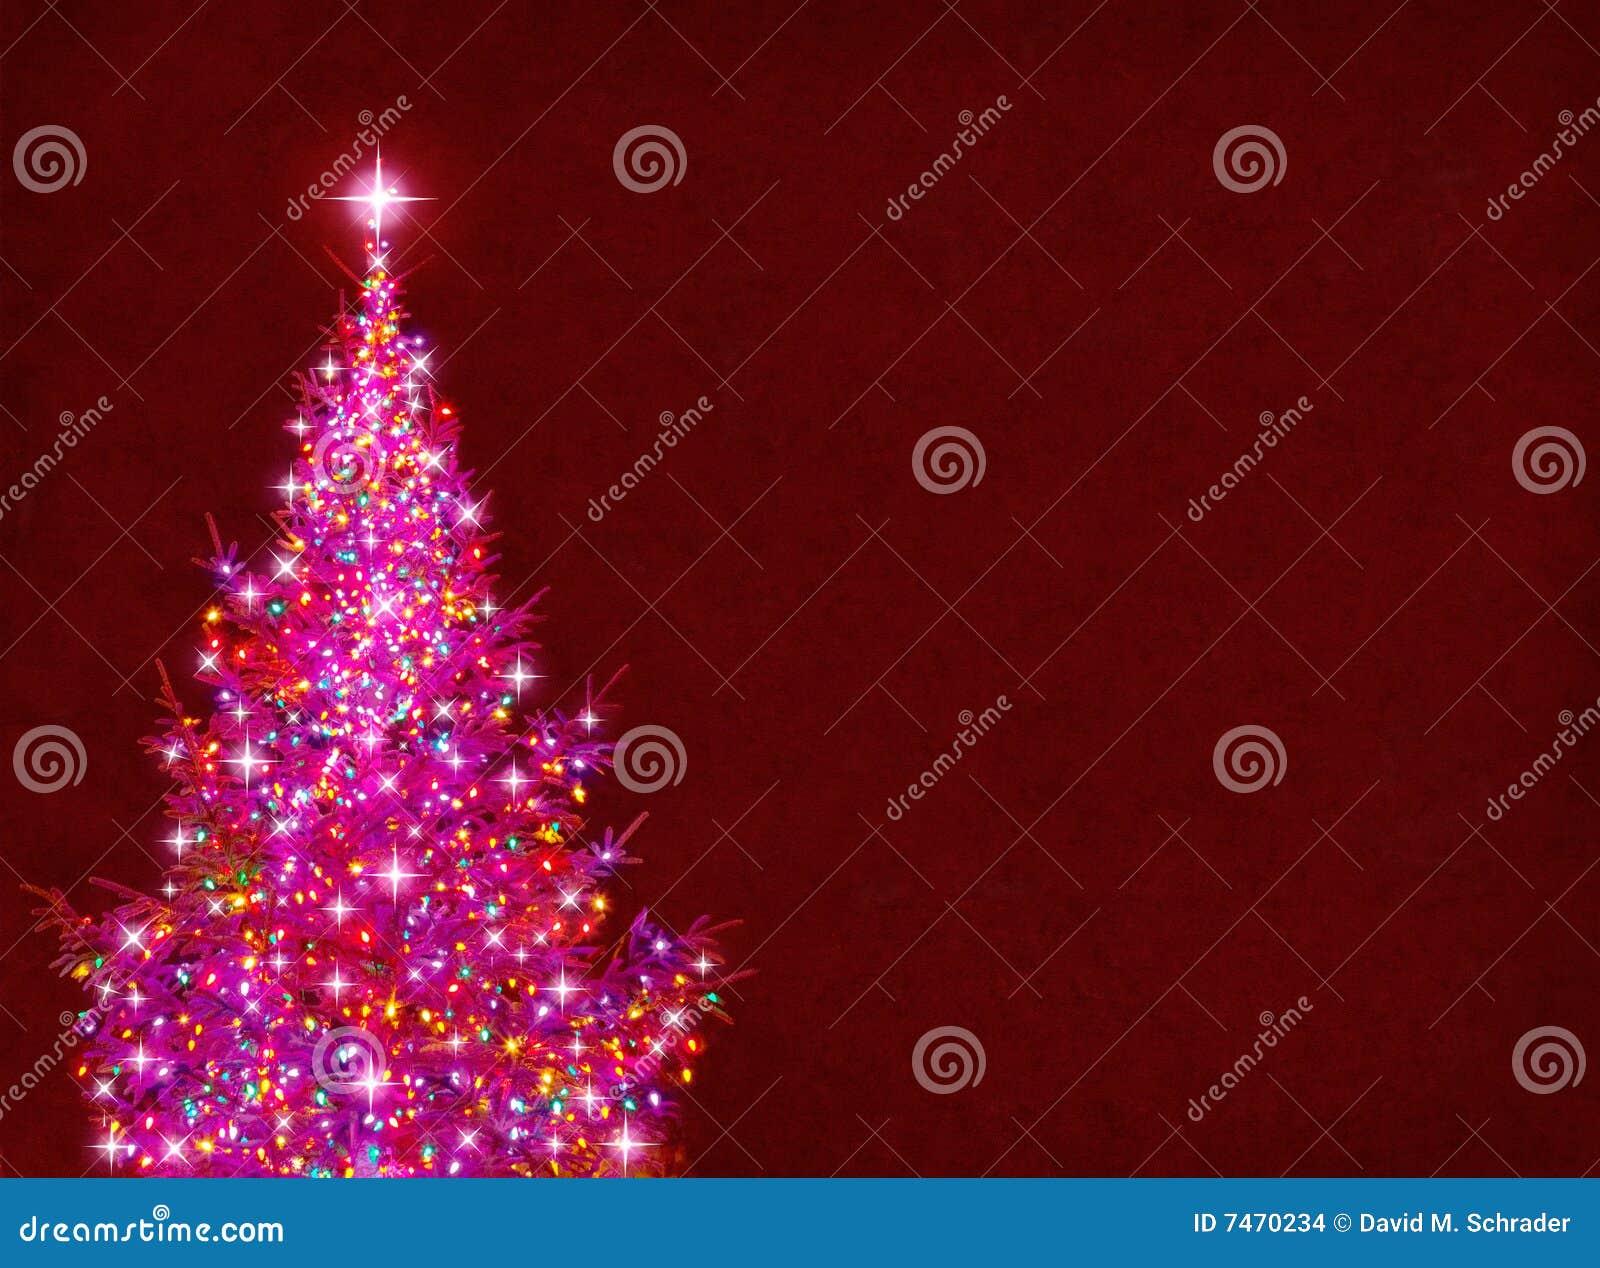 bunter weihnachtsbaum stock abbildung bild von gl hen. Black Bedroom Furniture Sets. Home Design Ideas